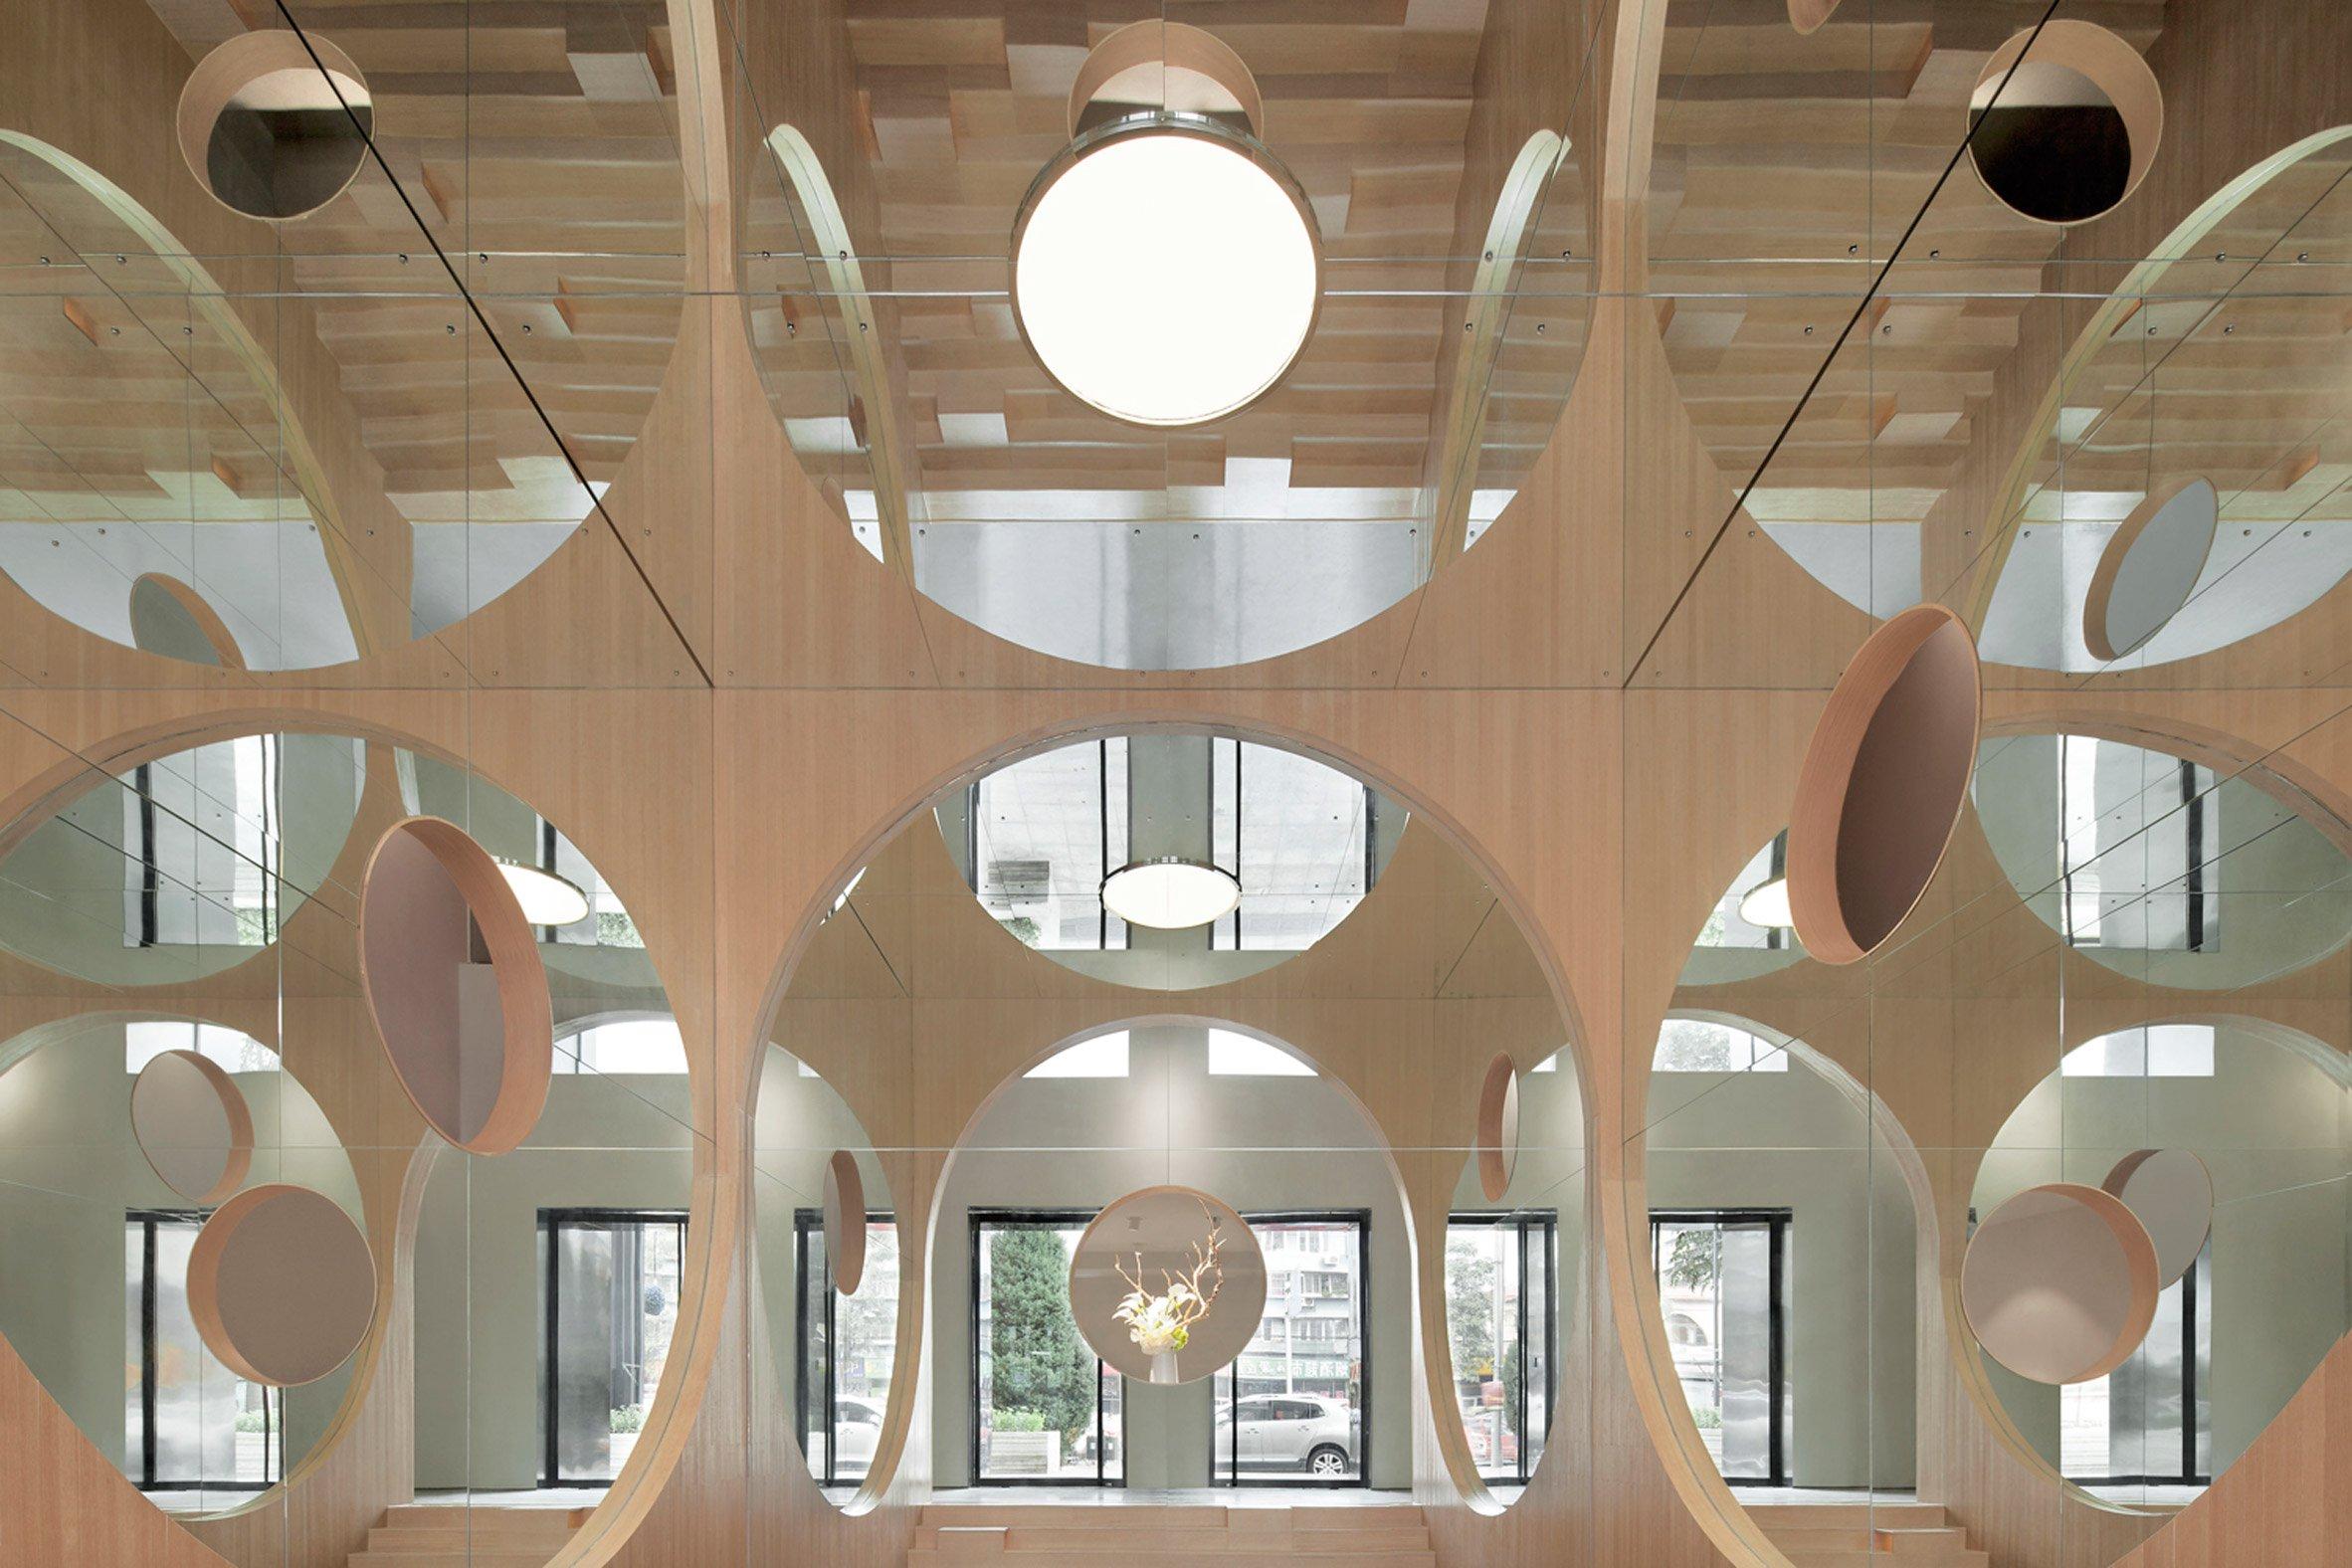 penda-hongkun-art-auditorium-beijing-architecture_dezeen_2364_col_2